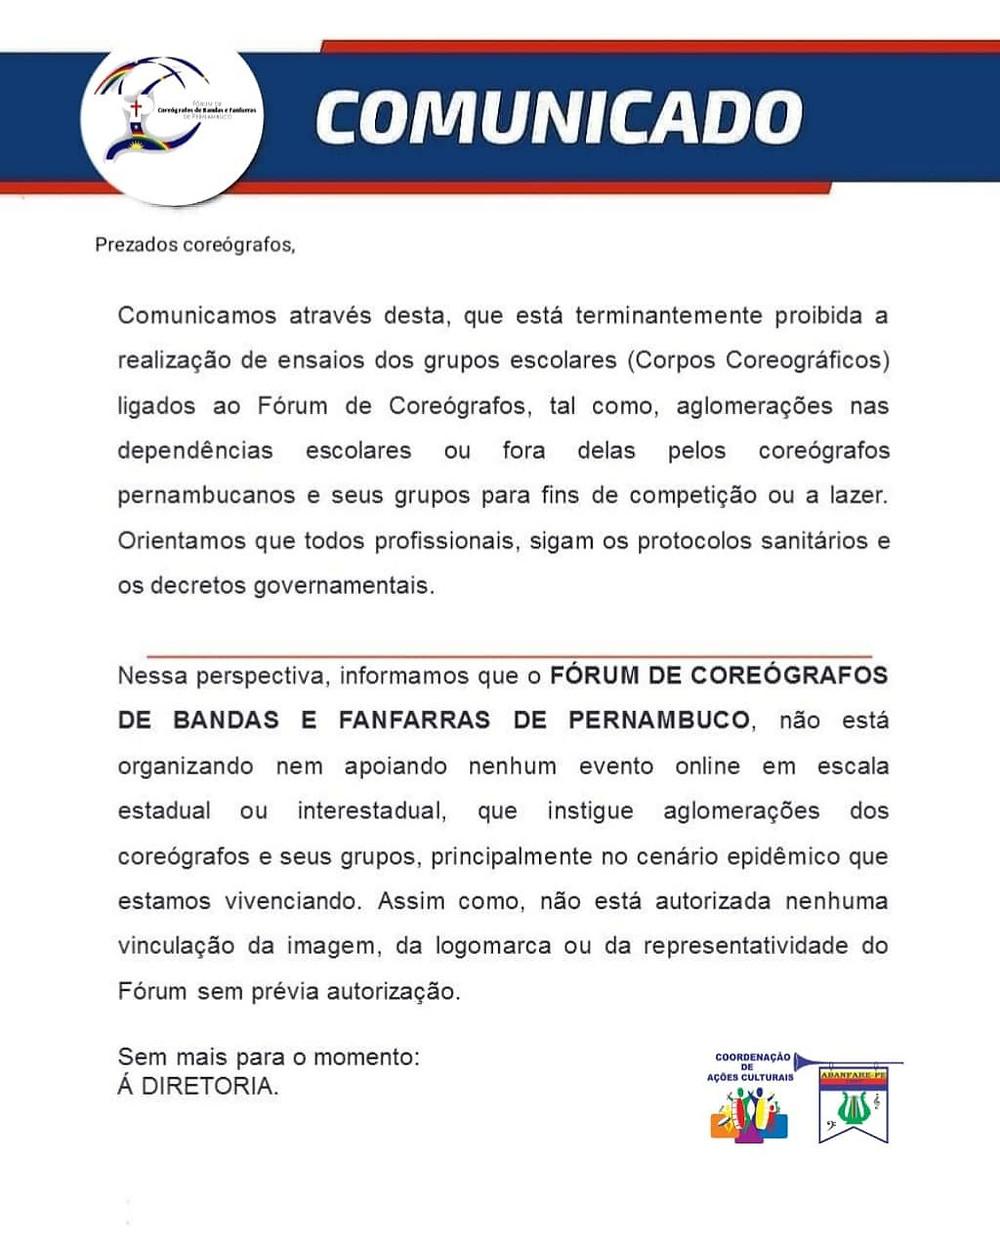 Atenção Coreógrafos, Forum de Coreógrafos de Banda e Fanfarras de Pernambuco, Abanfare - PE